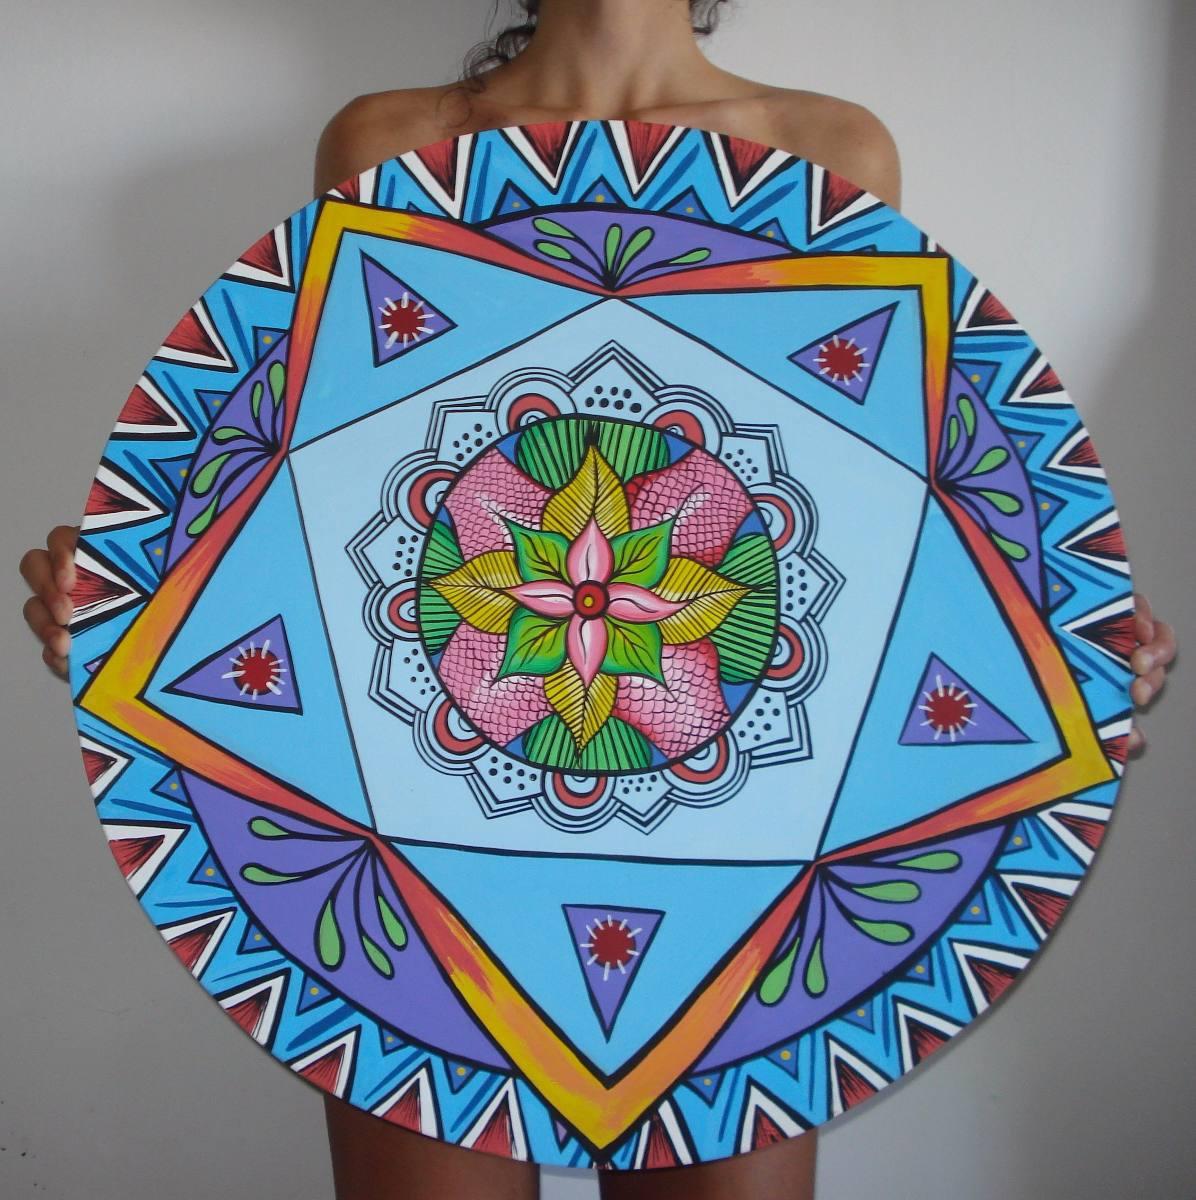 Cuadros De Mandalas Pinturas Decoracion Bipticos 250000 En - Pinturas-de-mandalas